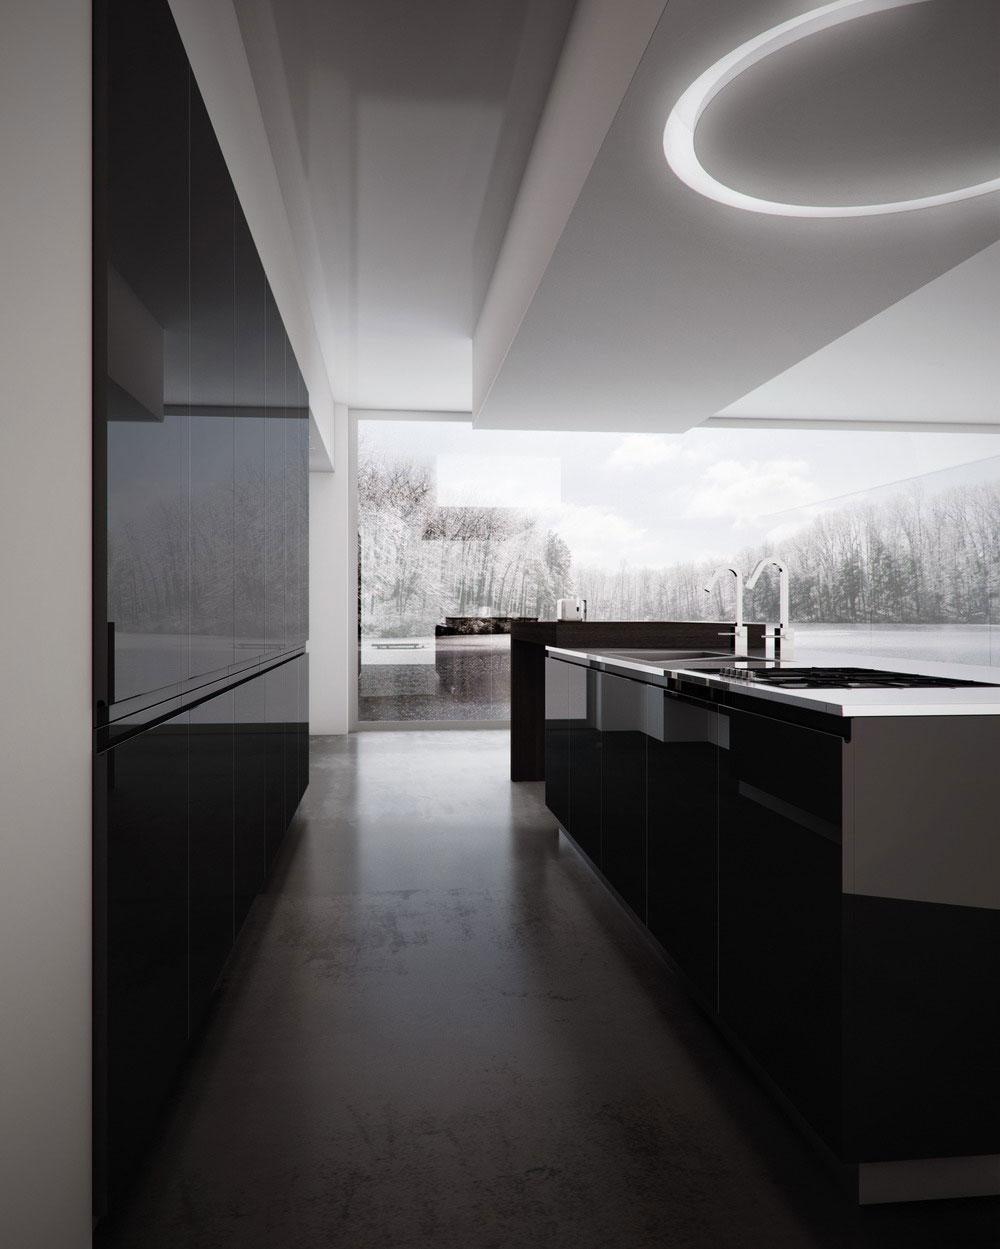 Cuisine moderne ilot - Vaisselle contemporaine moderne ...